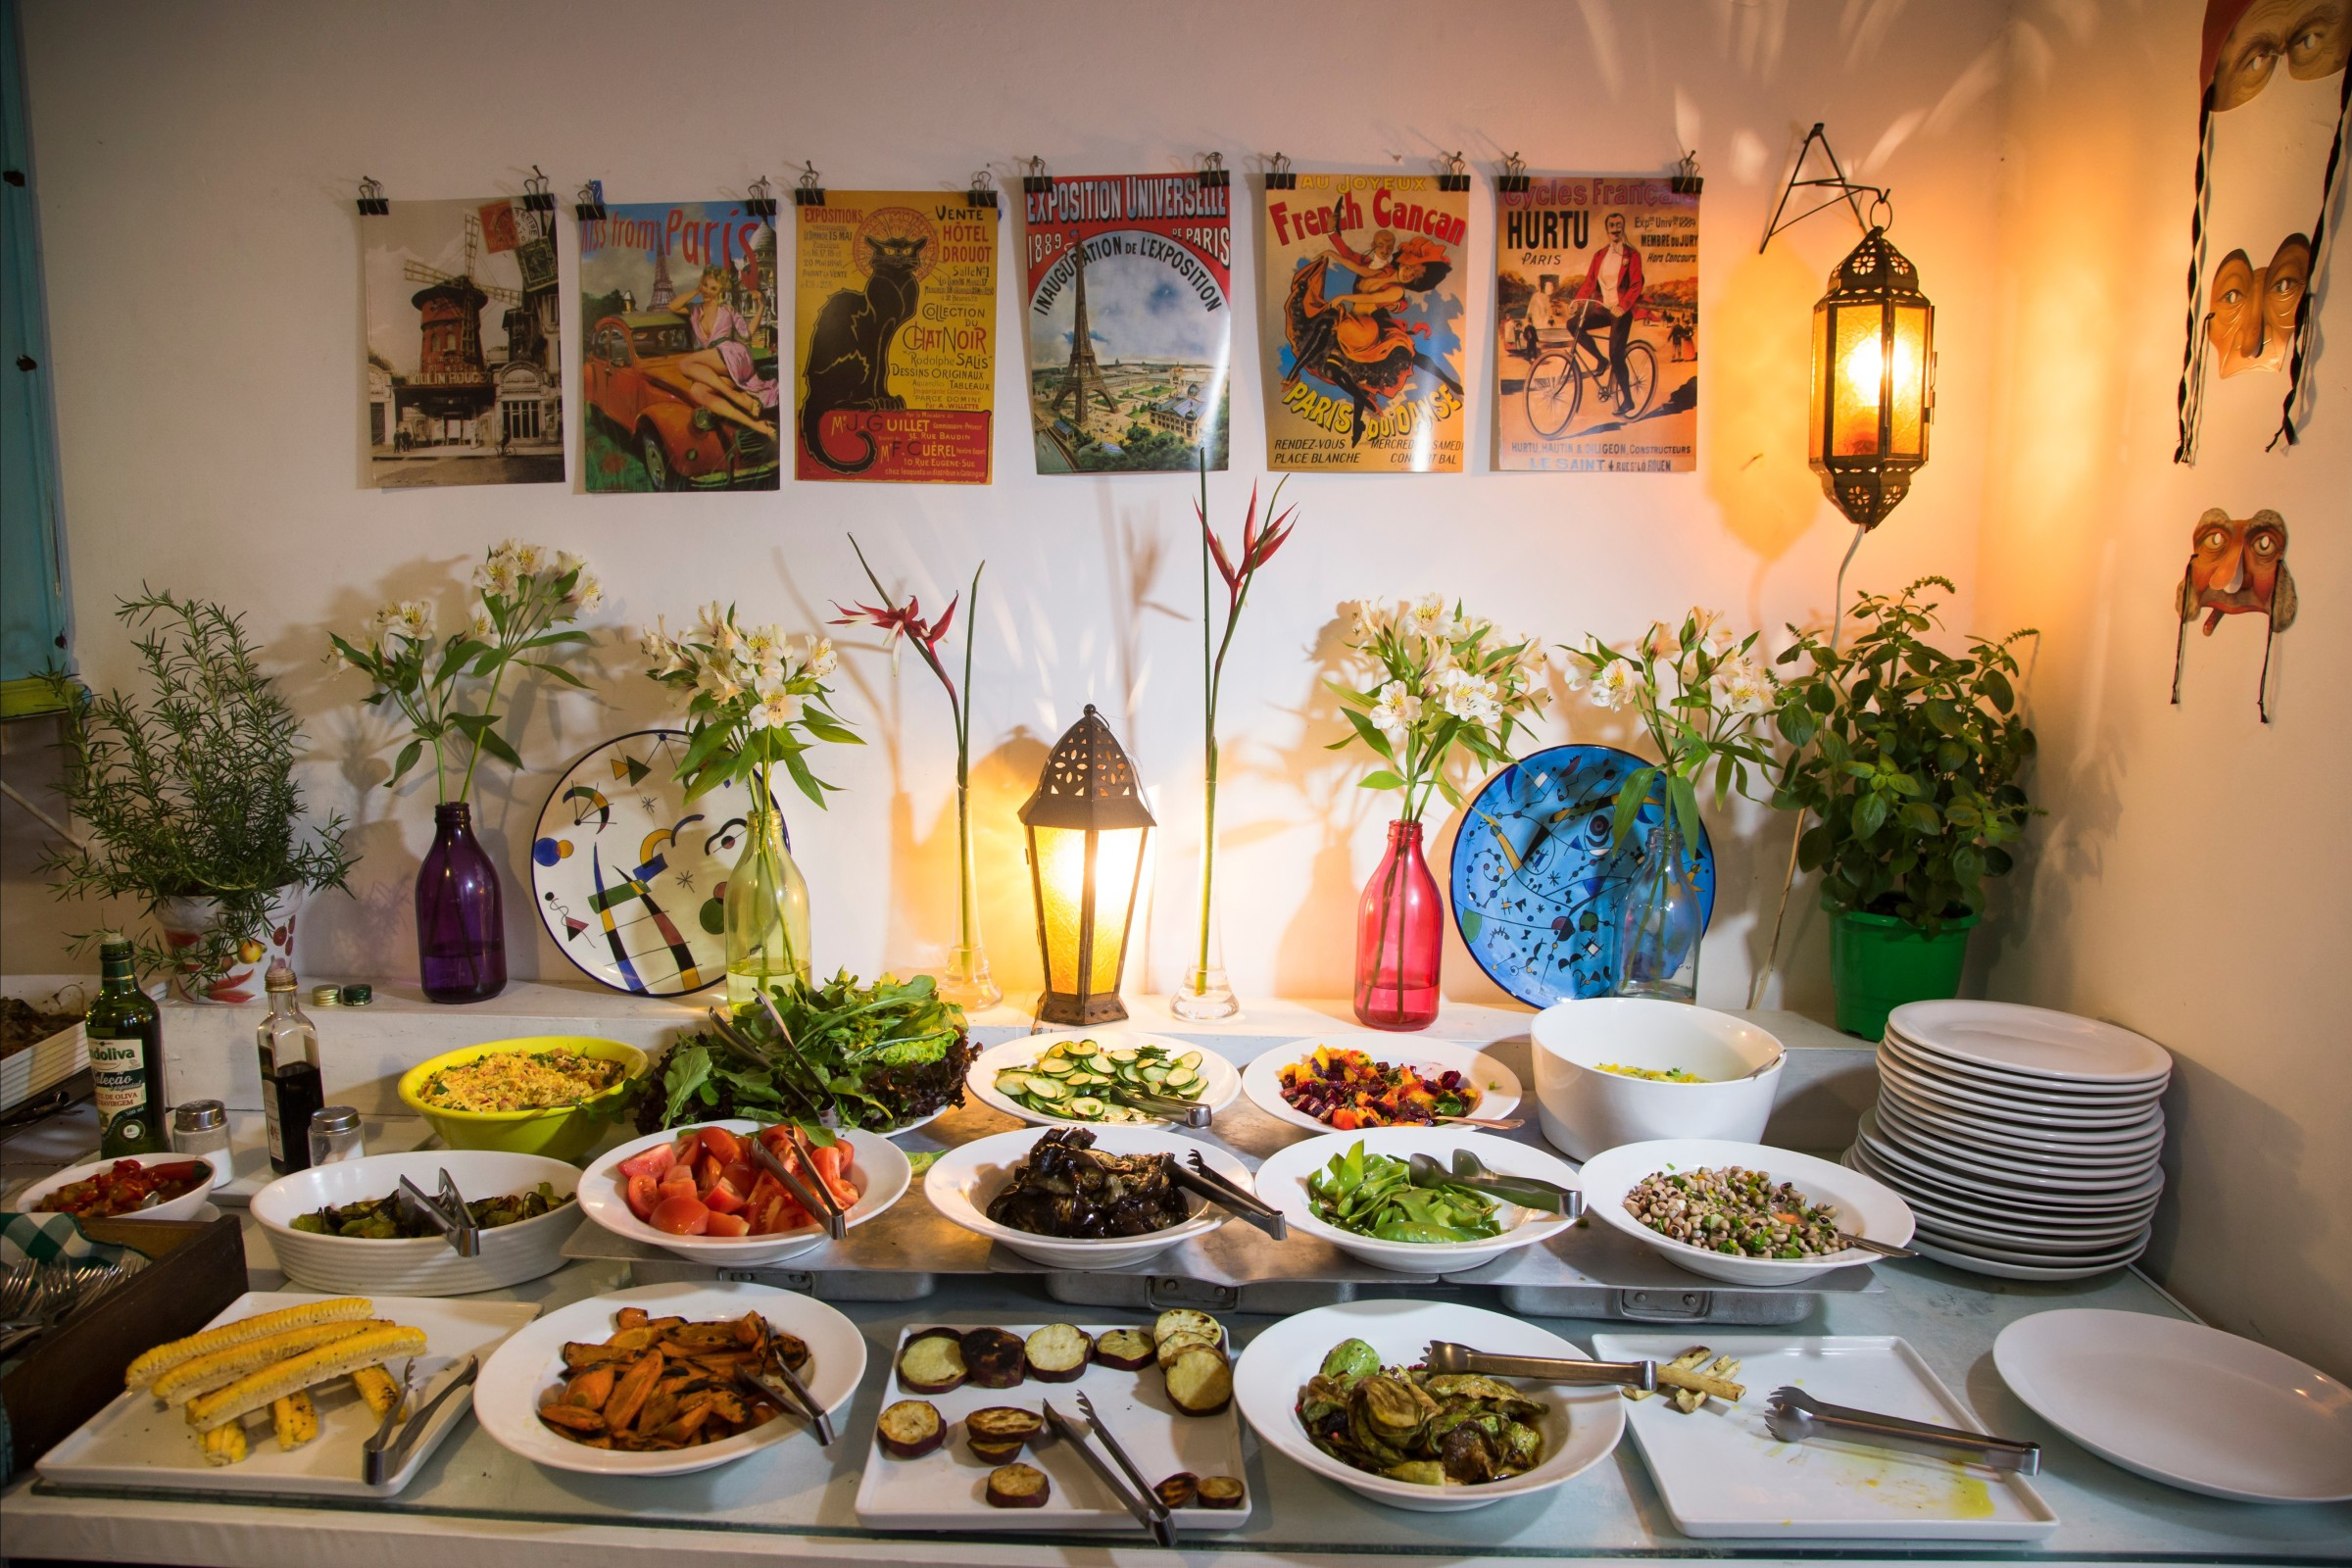 Veja 12 quilos com pratos dignos de bons restaurantes e preços mais em  conta - 14 07 2017 - Restaurantes - Guia Folha e00a42e52a743